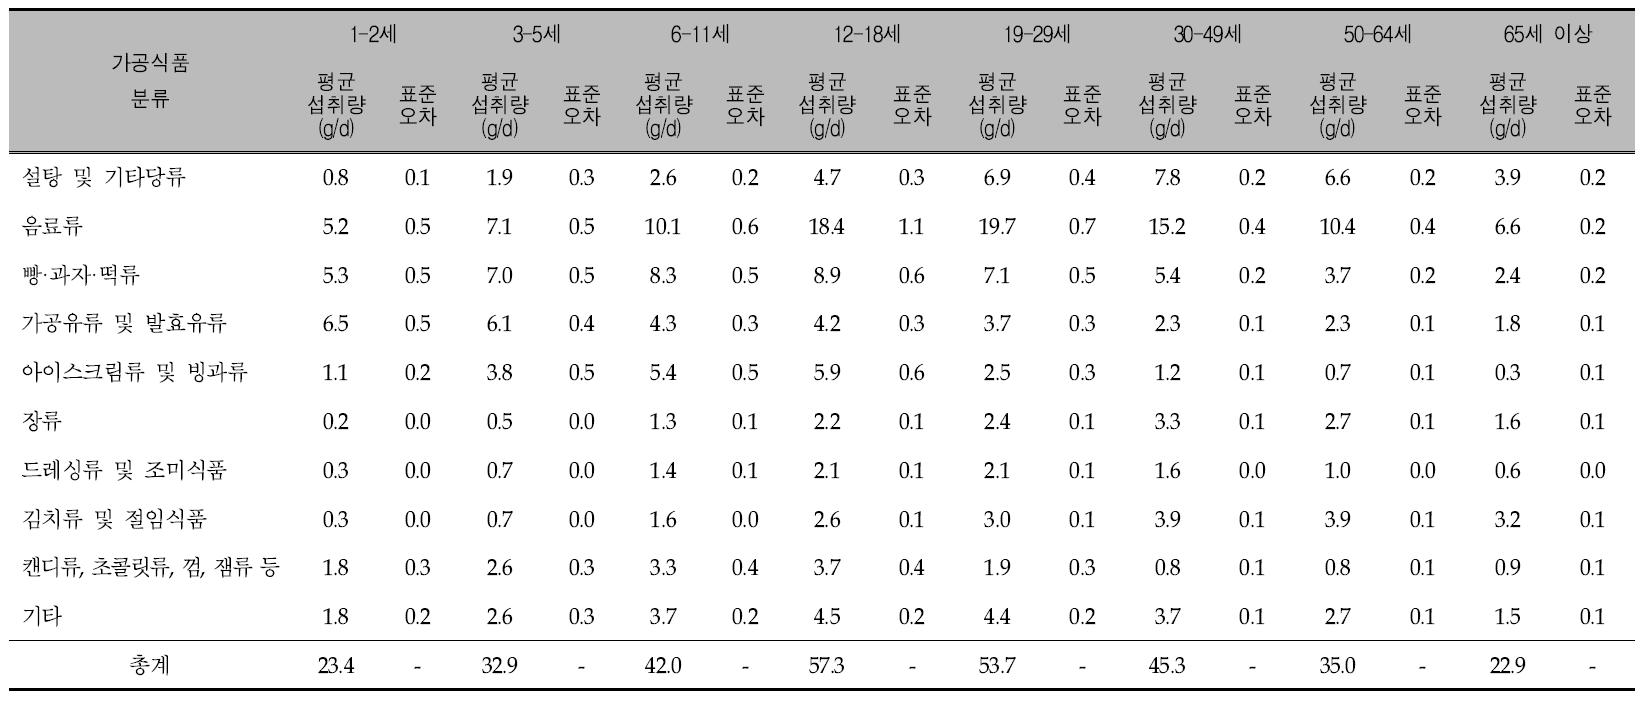 연령에 따른 가공식품 10군의 1인 1일 평균 당류 섭취량: 국민건강영양조사 제5기